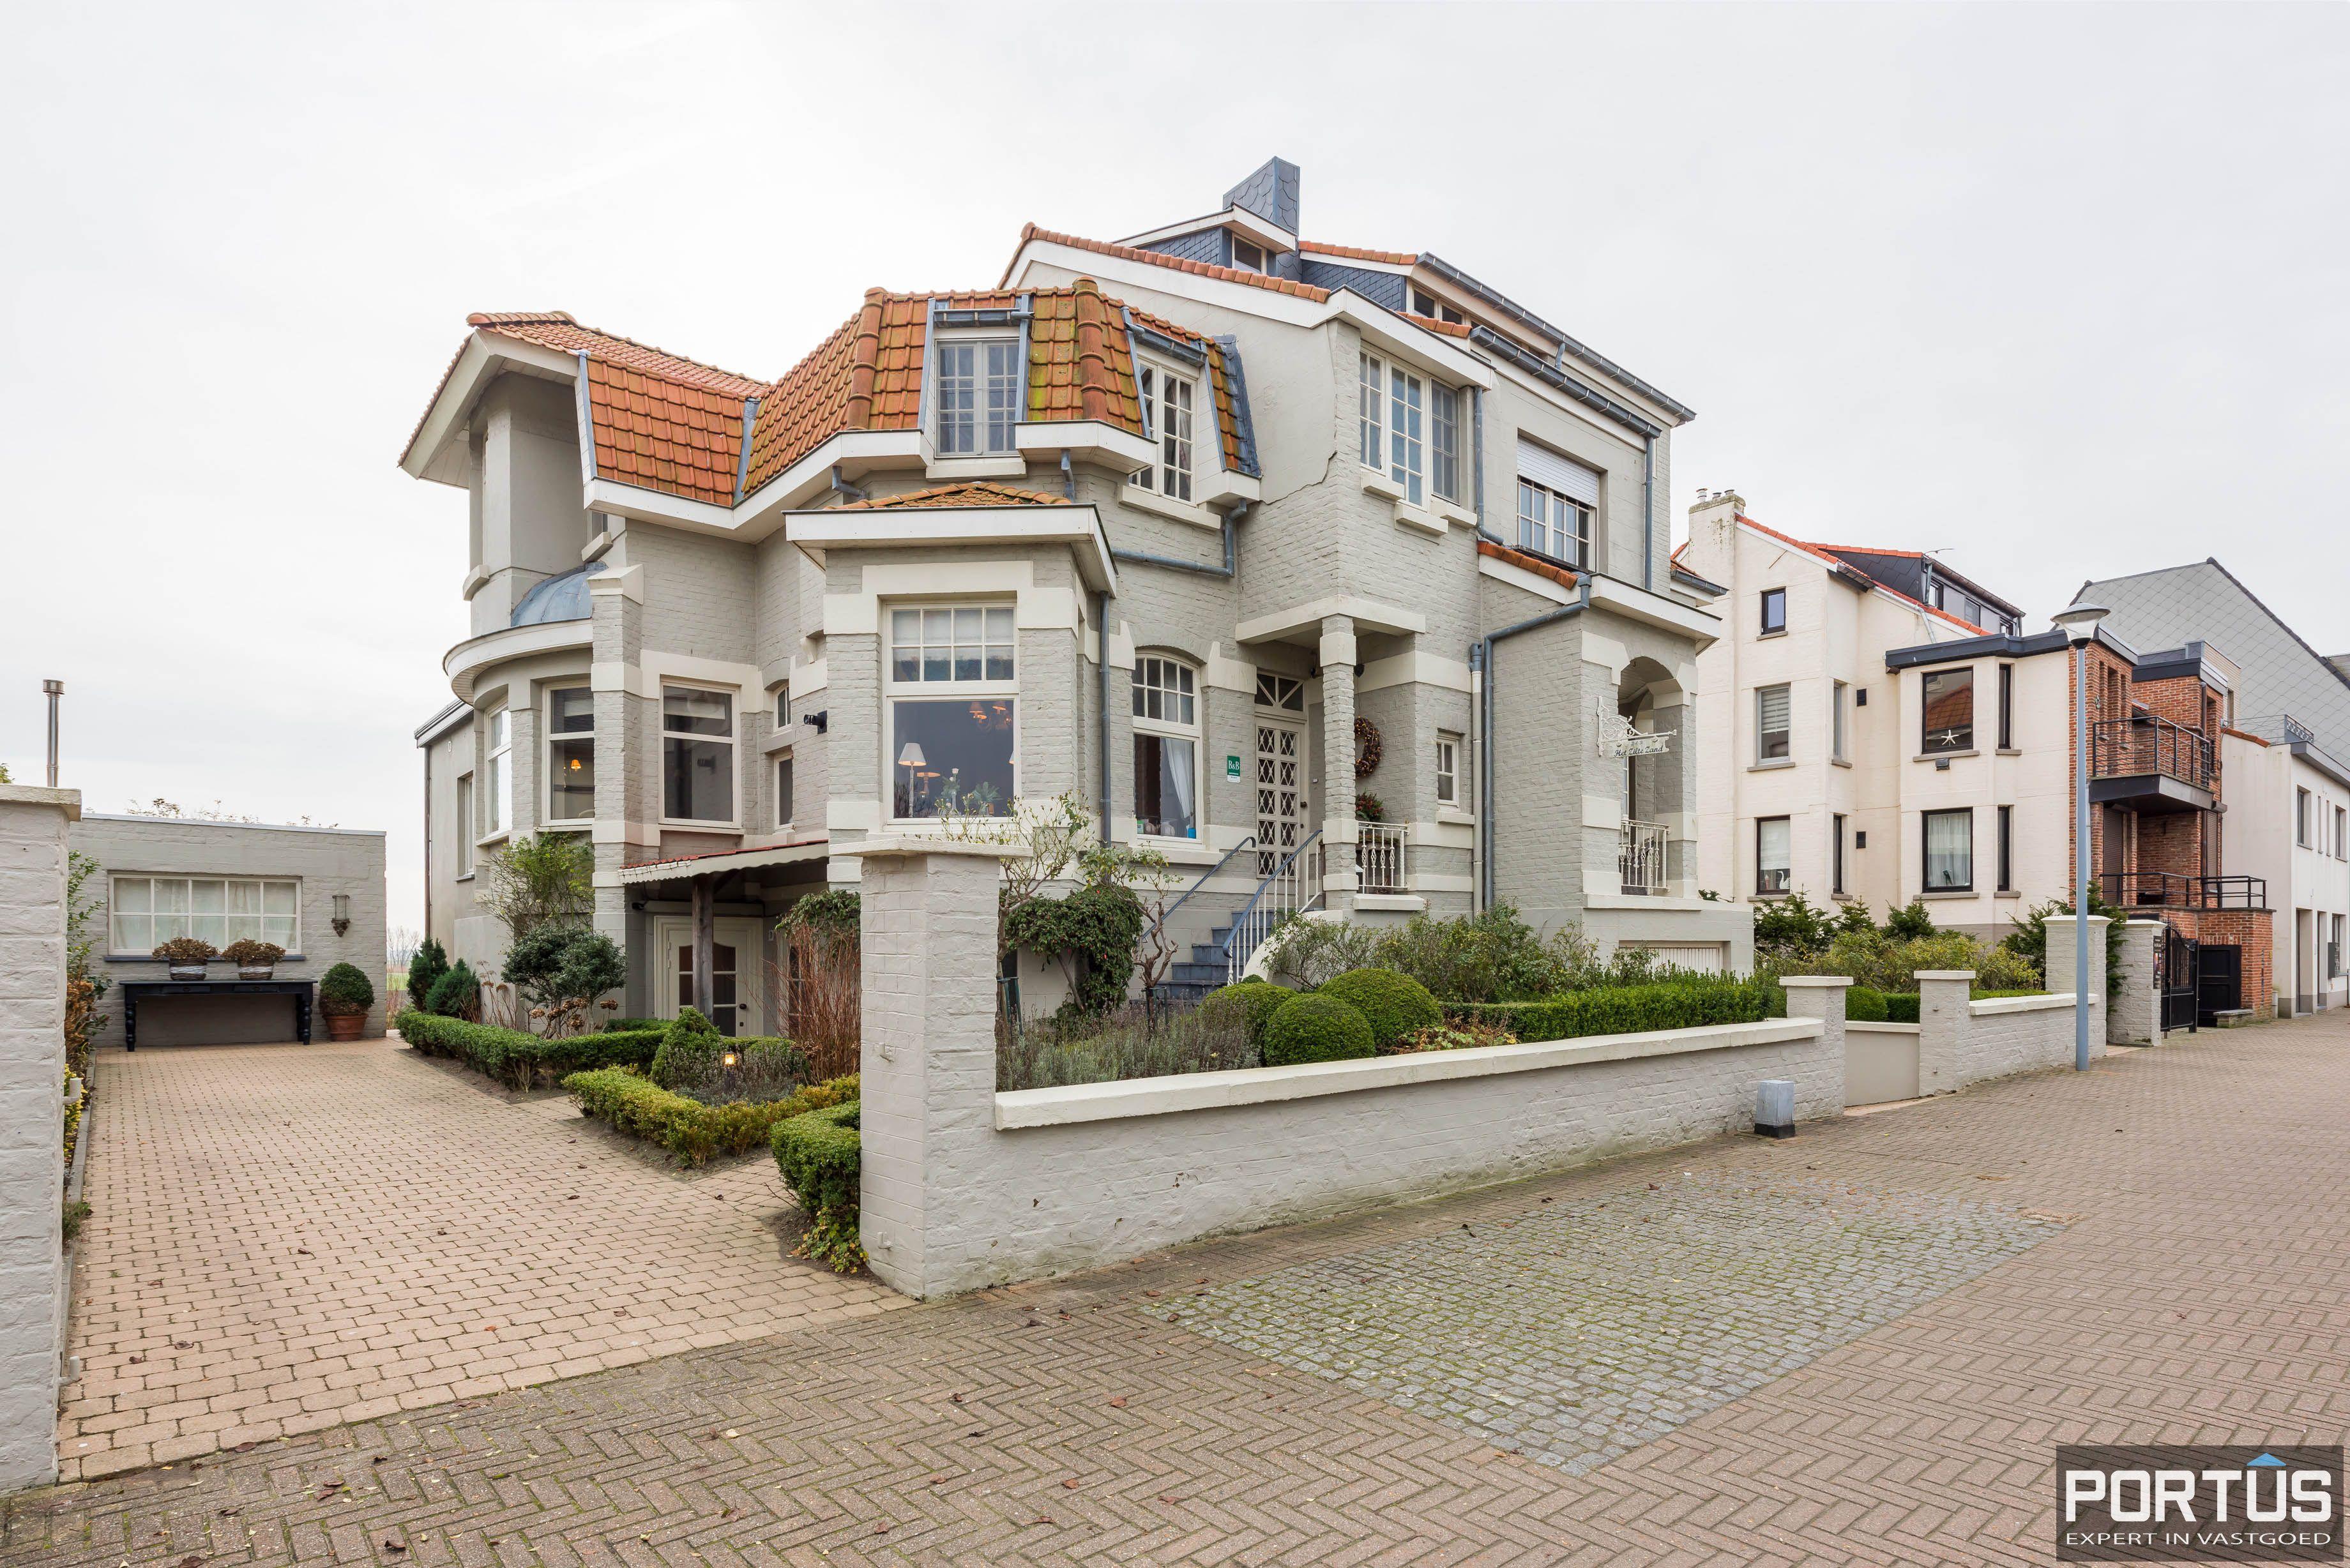 Villa/B&B te koop Westende met 6 slaapkamers